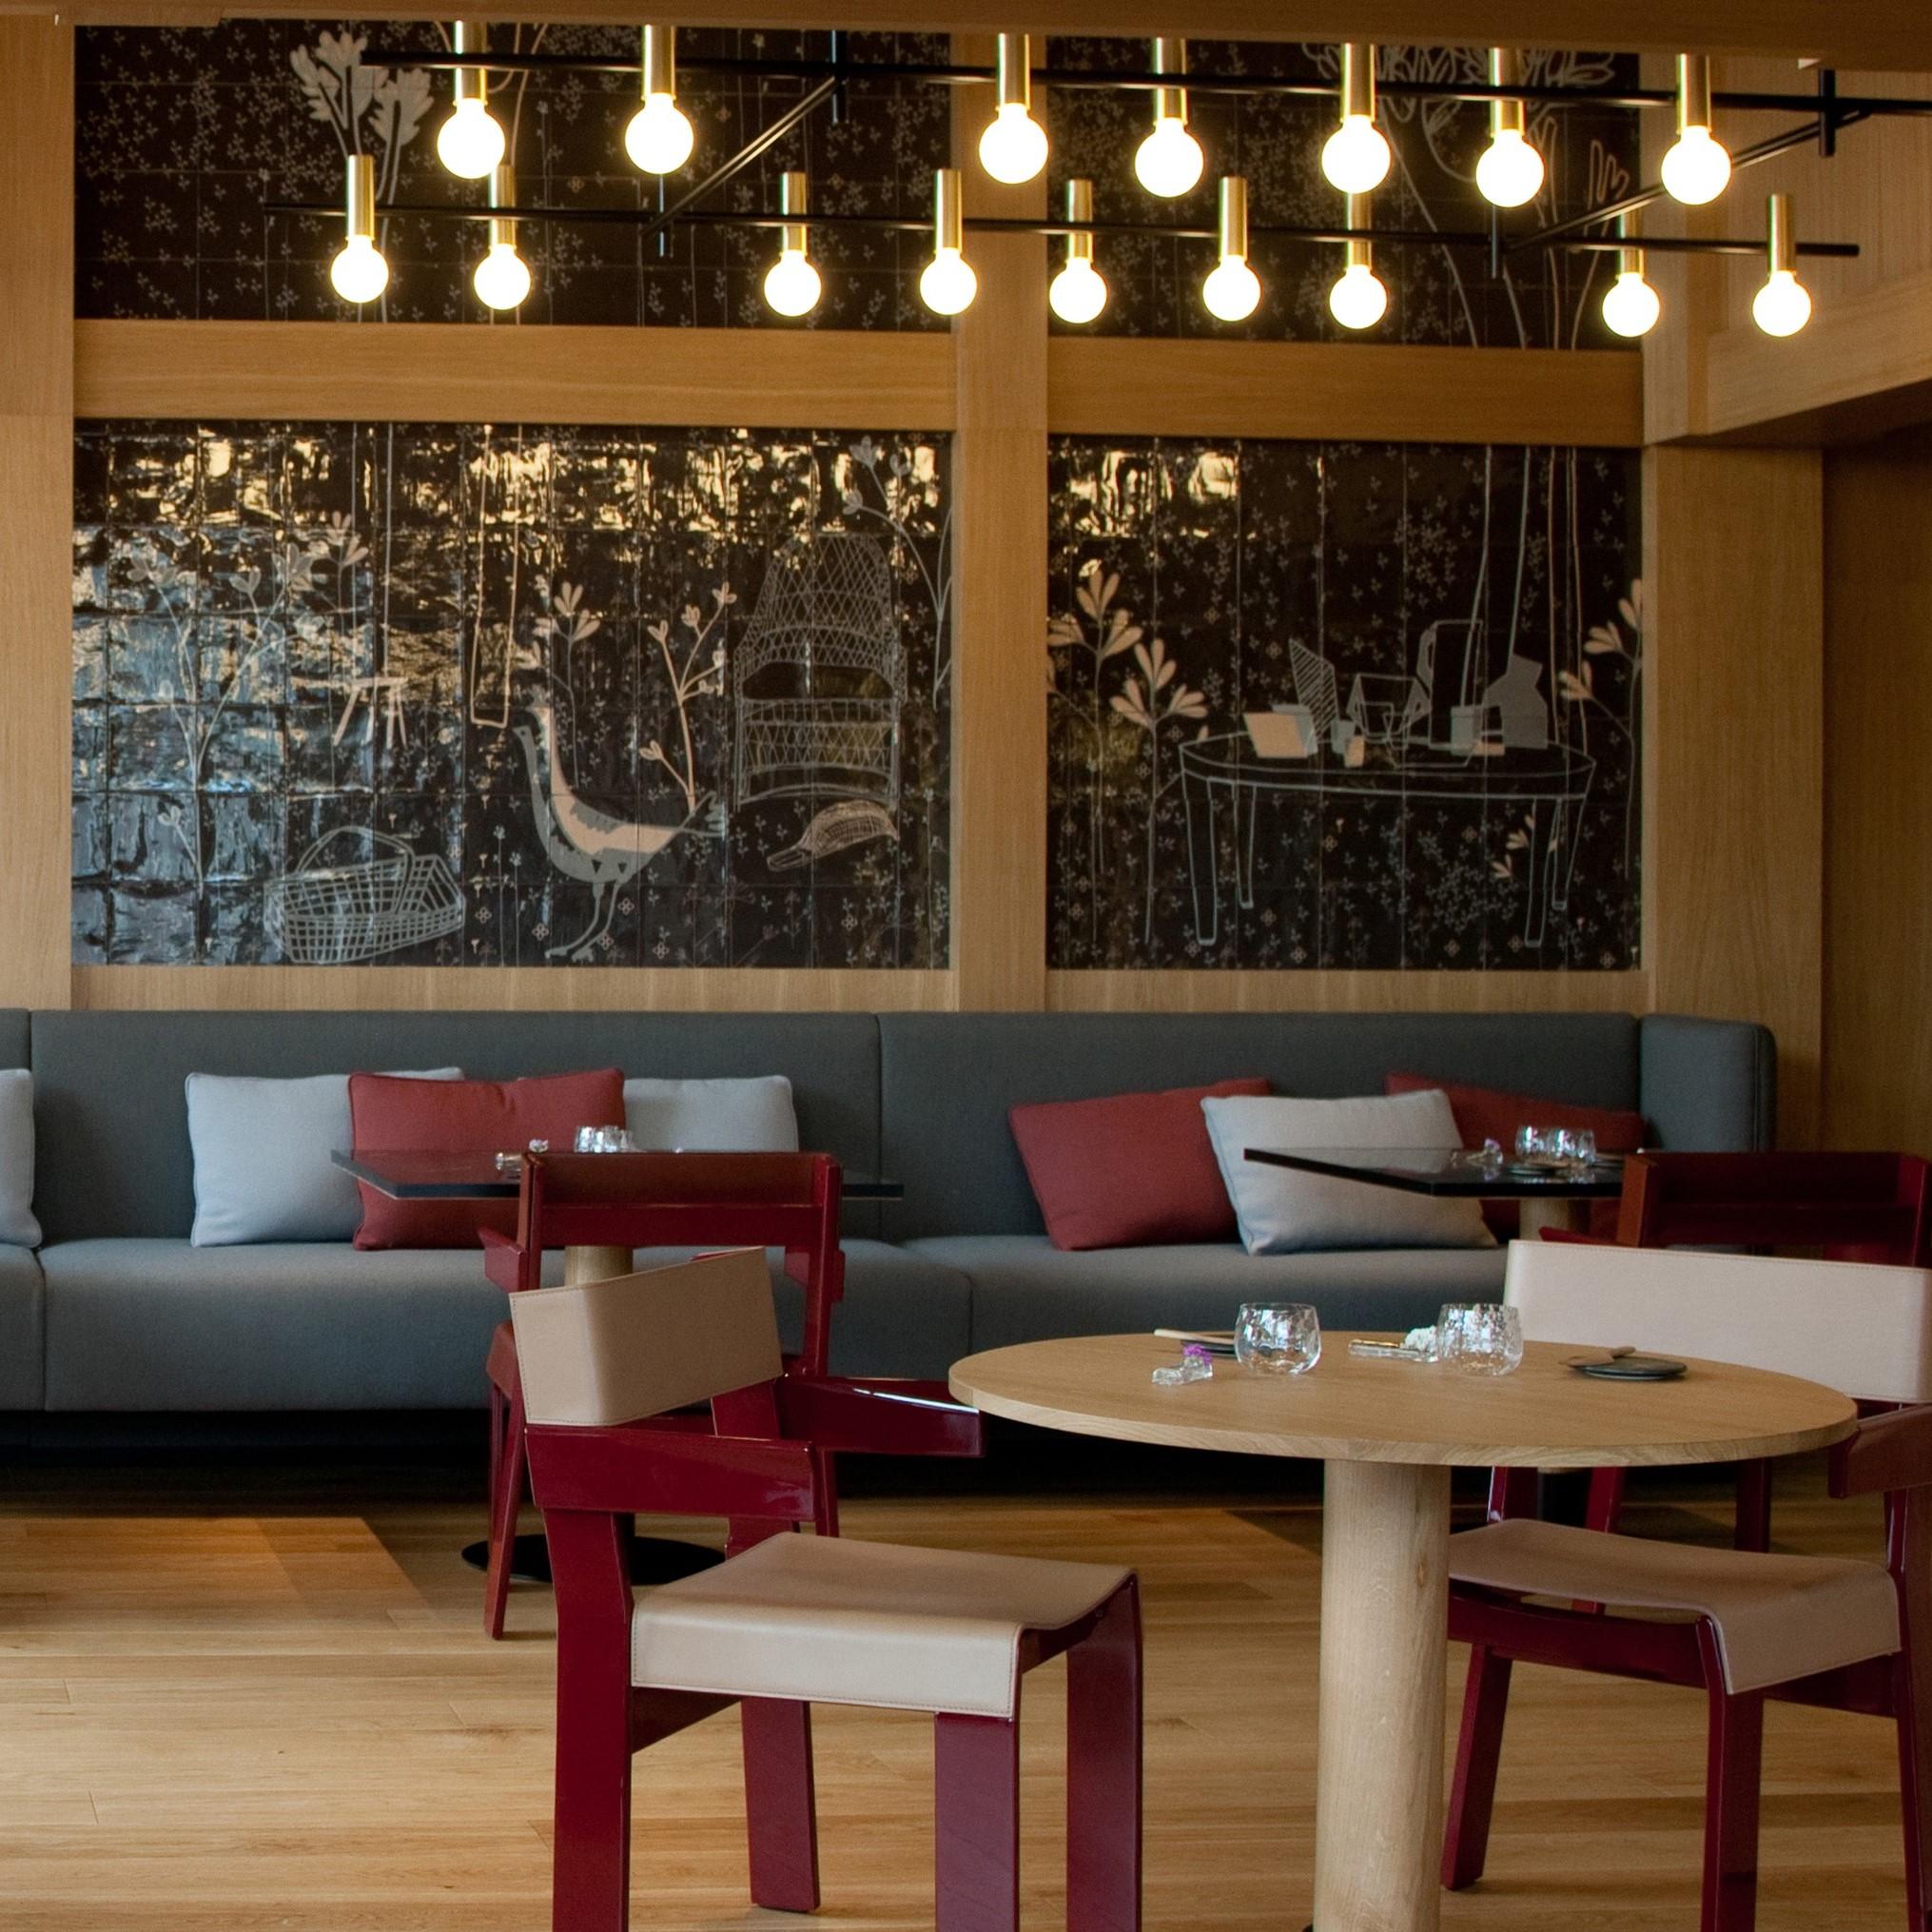 Lámpara colgante en el restaurante eneko bilbao patricia urquiola